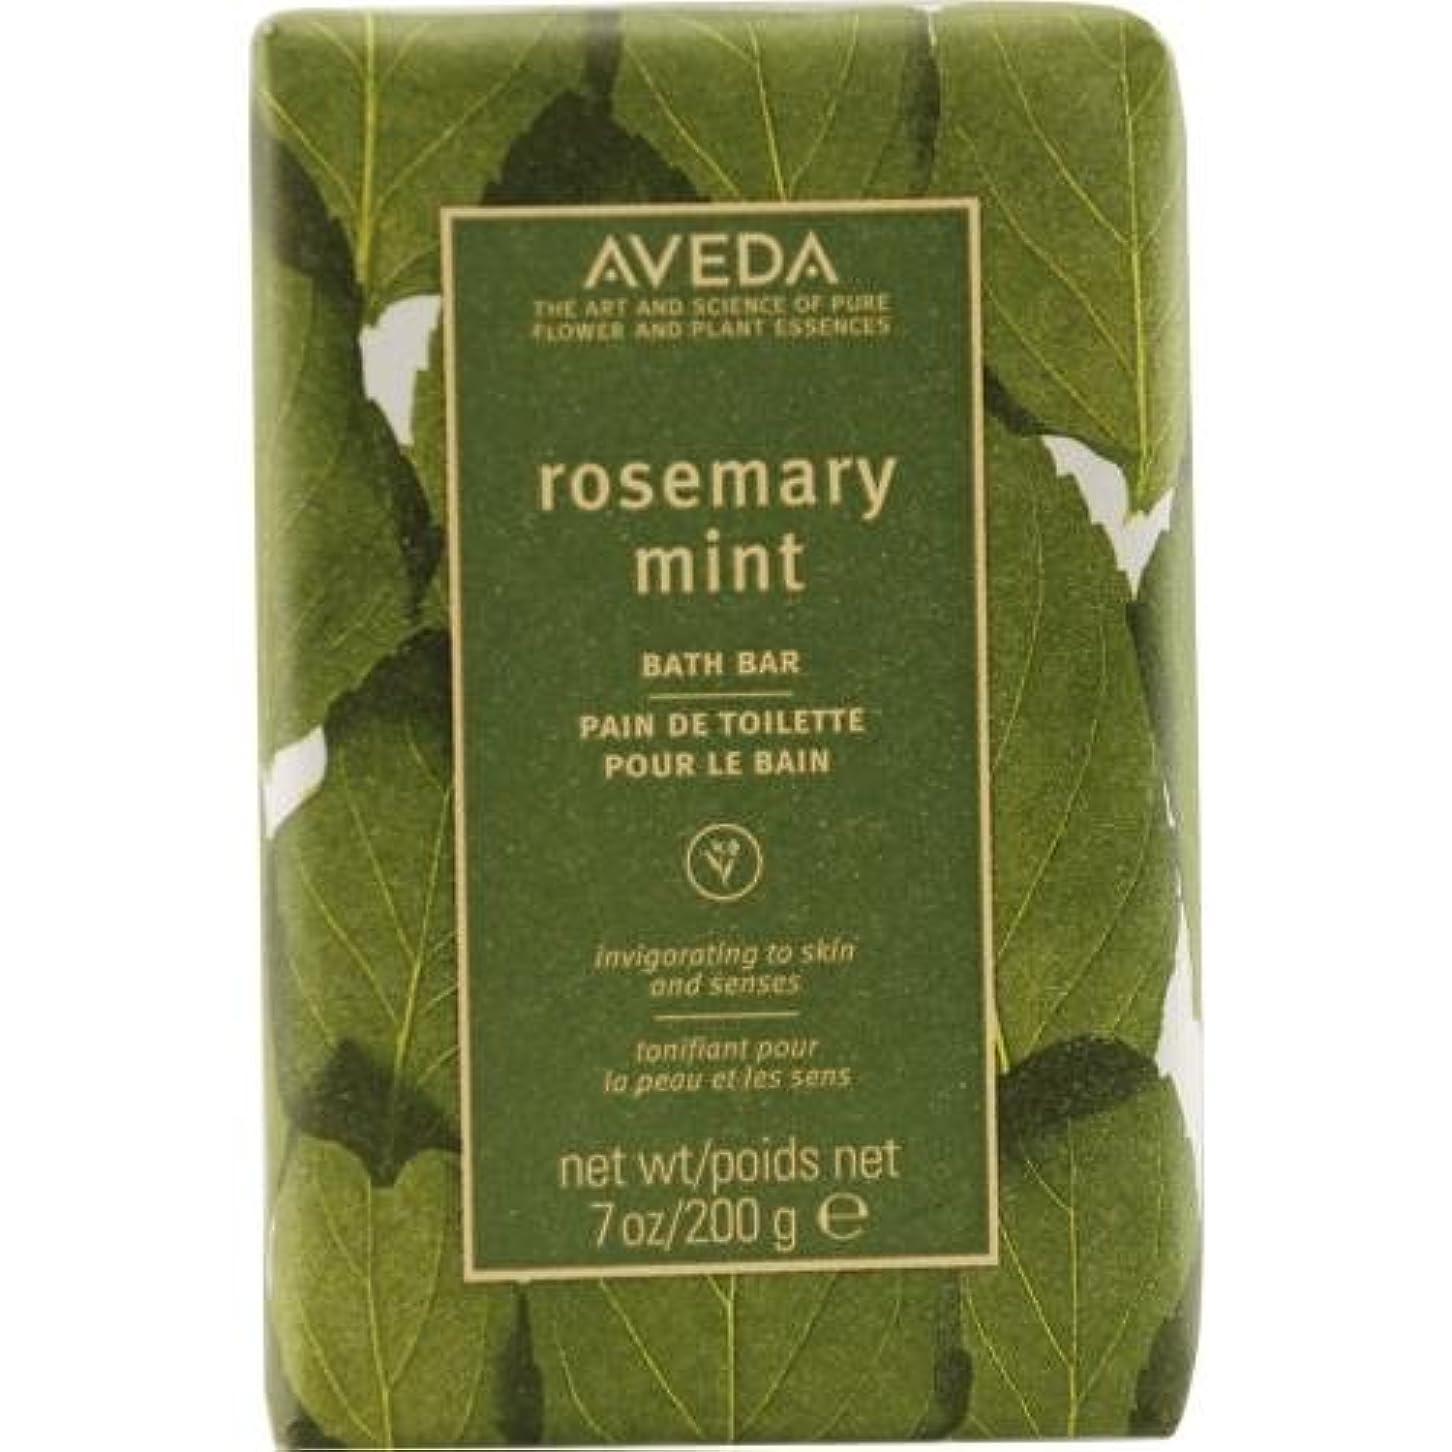 浸漬知覚的アフリカ人Aveda Skincare Rosemary Mint Bath Bar, 7-Ounce Box